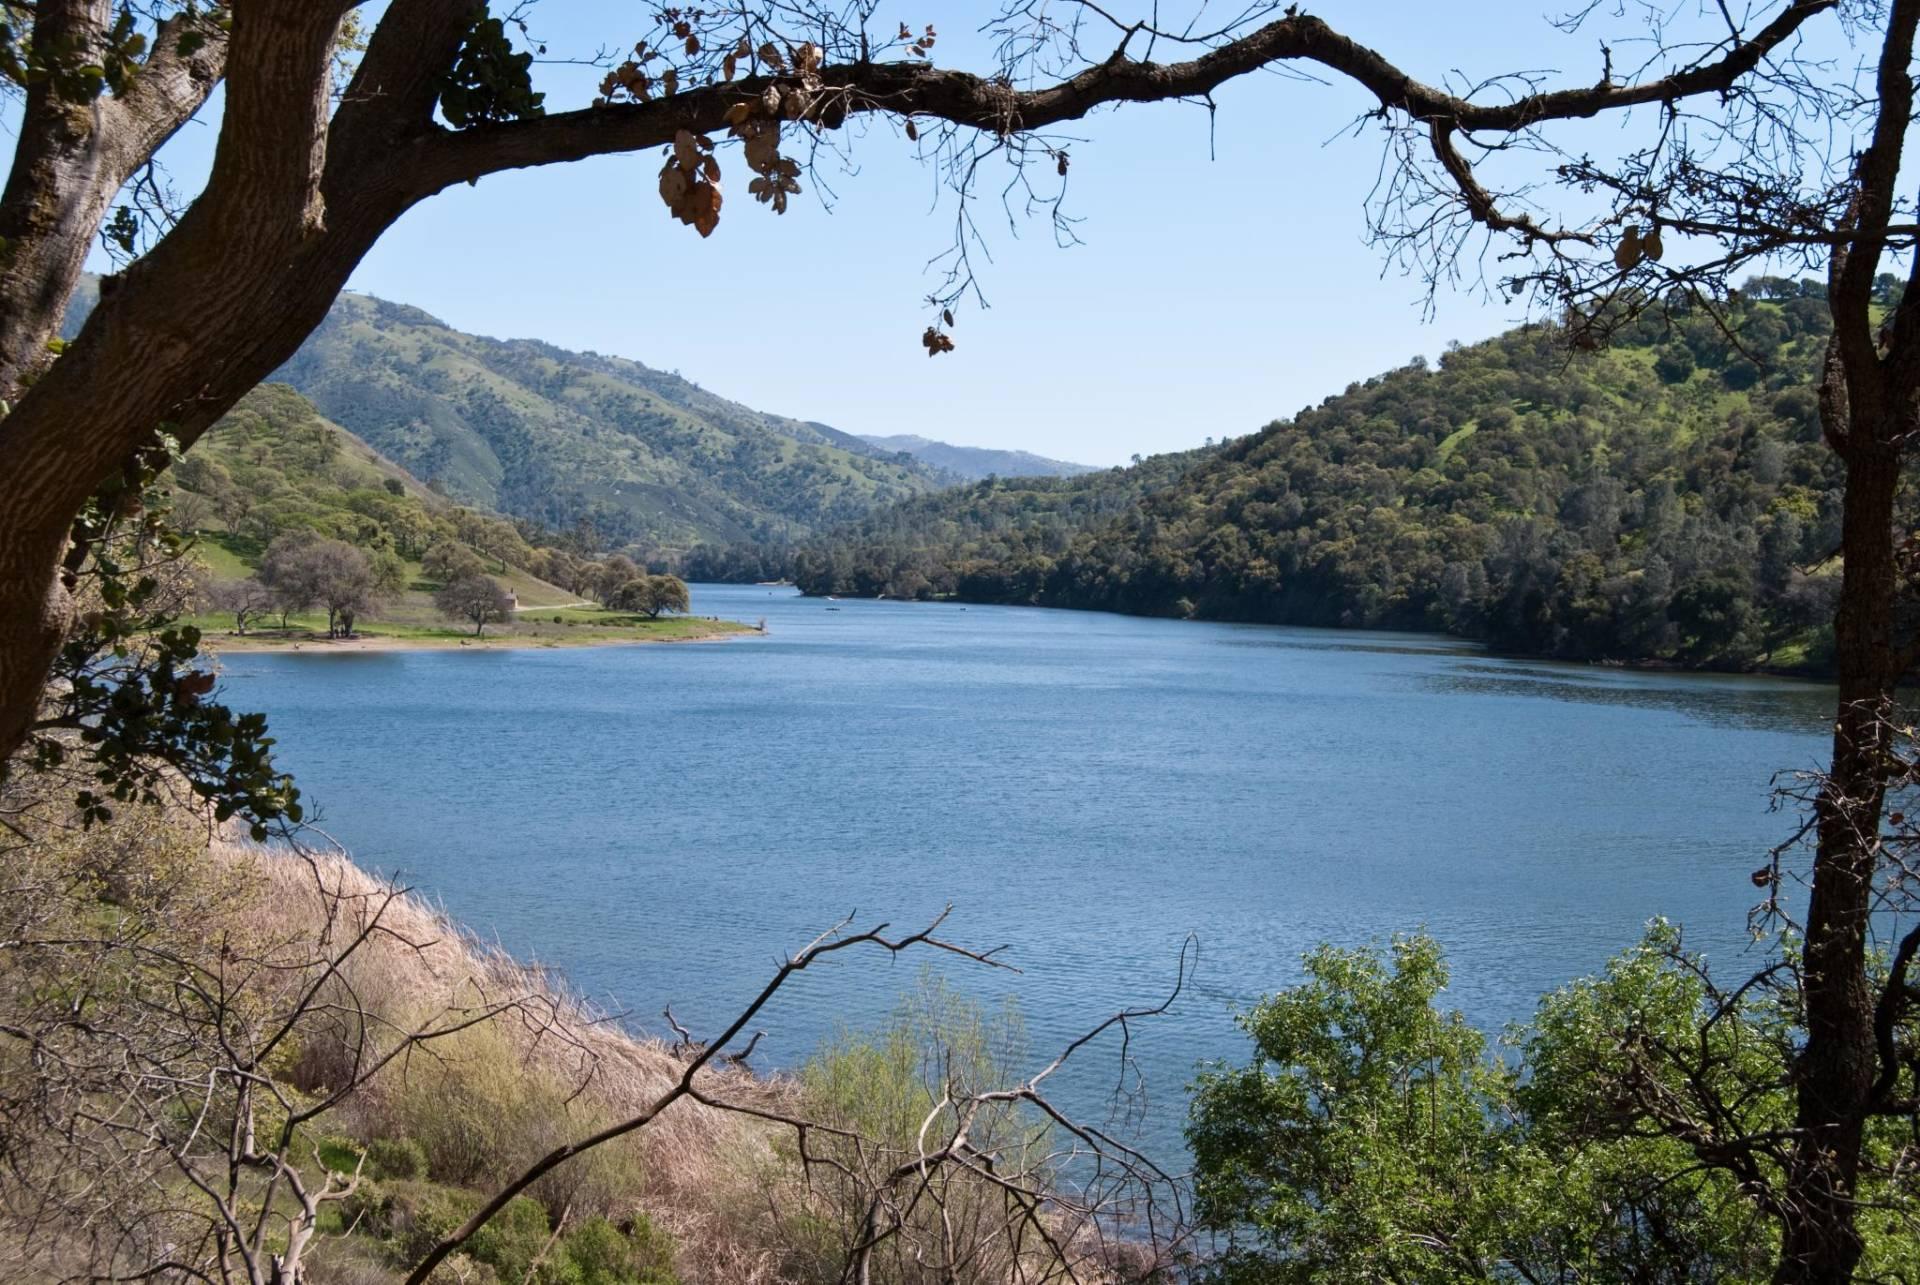 """Lake Del Valle is the only drinking water reservoir in the Bay Area where you can swim. John K/<a href=""""https://www.flickr.com/photos/johnkay/3397909790/in/photolist-6bgbcy-6FWM1n-4KngZX-pP4os4-24Gzc6L-23pdW7k-2RKySG-9XKfu8-6G1RXA-6bc1gK-8HS2s4-8HS2eD-arkLGD-9nmaYf-aroqVA-hynKX-e83YTm-GK2cED-67j8Fb-221nKcC-arormy-GK2h8r-FtgCGJ-24Ljn3p-243acii-8uw8Yv-25p7bLK-HgogtG-9Kwhx2-23FxoCU-23Fxj6C-iRDB9E-egS9i9-33HfrQ-GGK4zL-egS9wm-ruZSgJ-8KRZSe-24Gz9Vy-F7fM36-j1TurZ-bEFLnj-Gu2wK-8KYDyC-saqYms-FYa8x-aq33FS-9WVeq9-amGfiY-ouRJYr"""">Flickr</a>"""